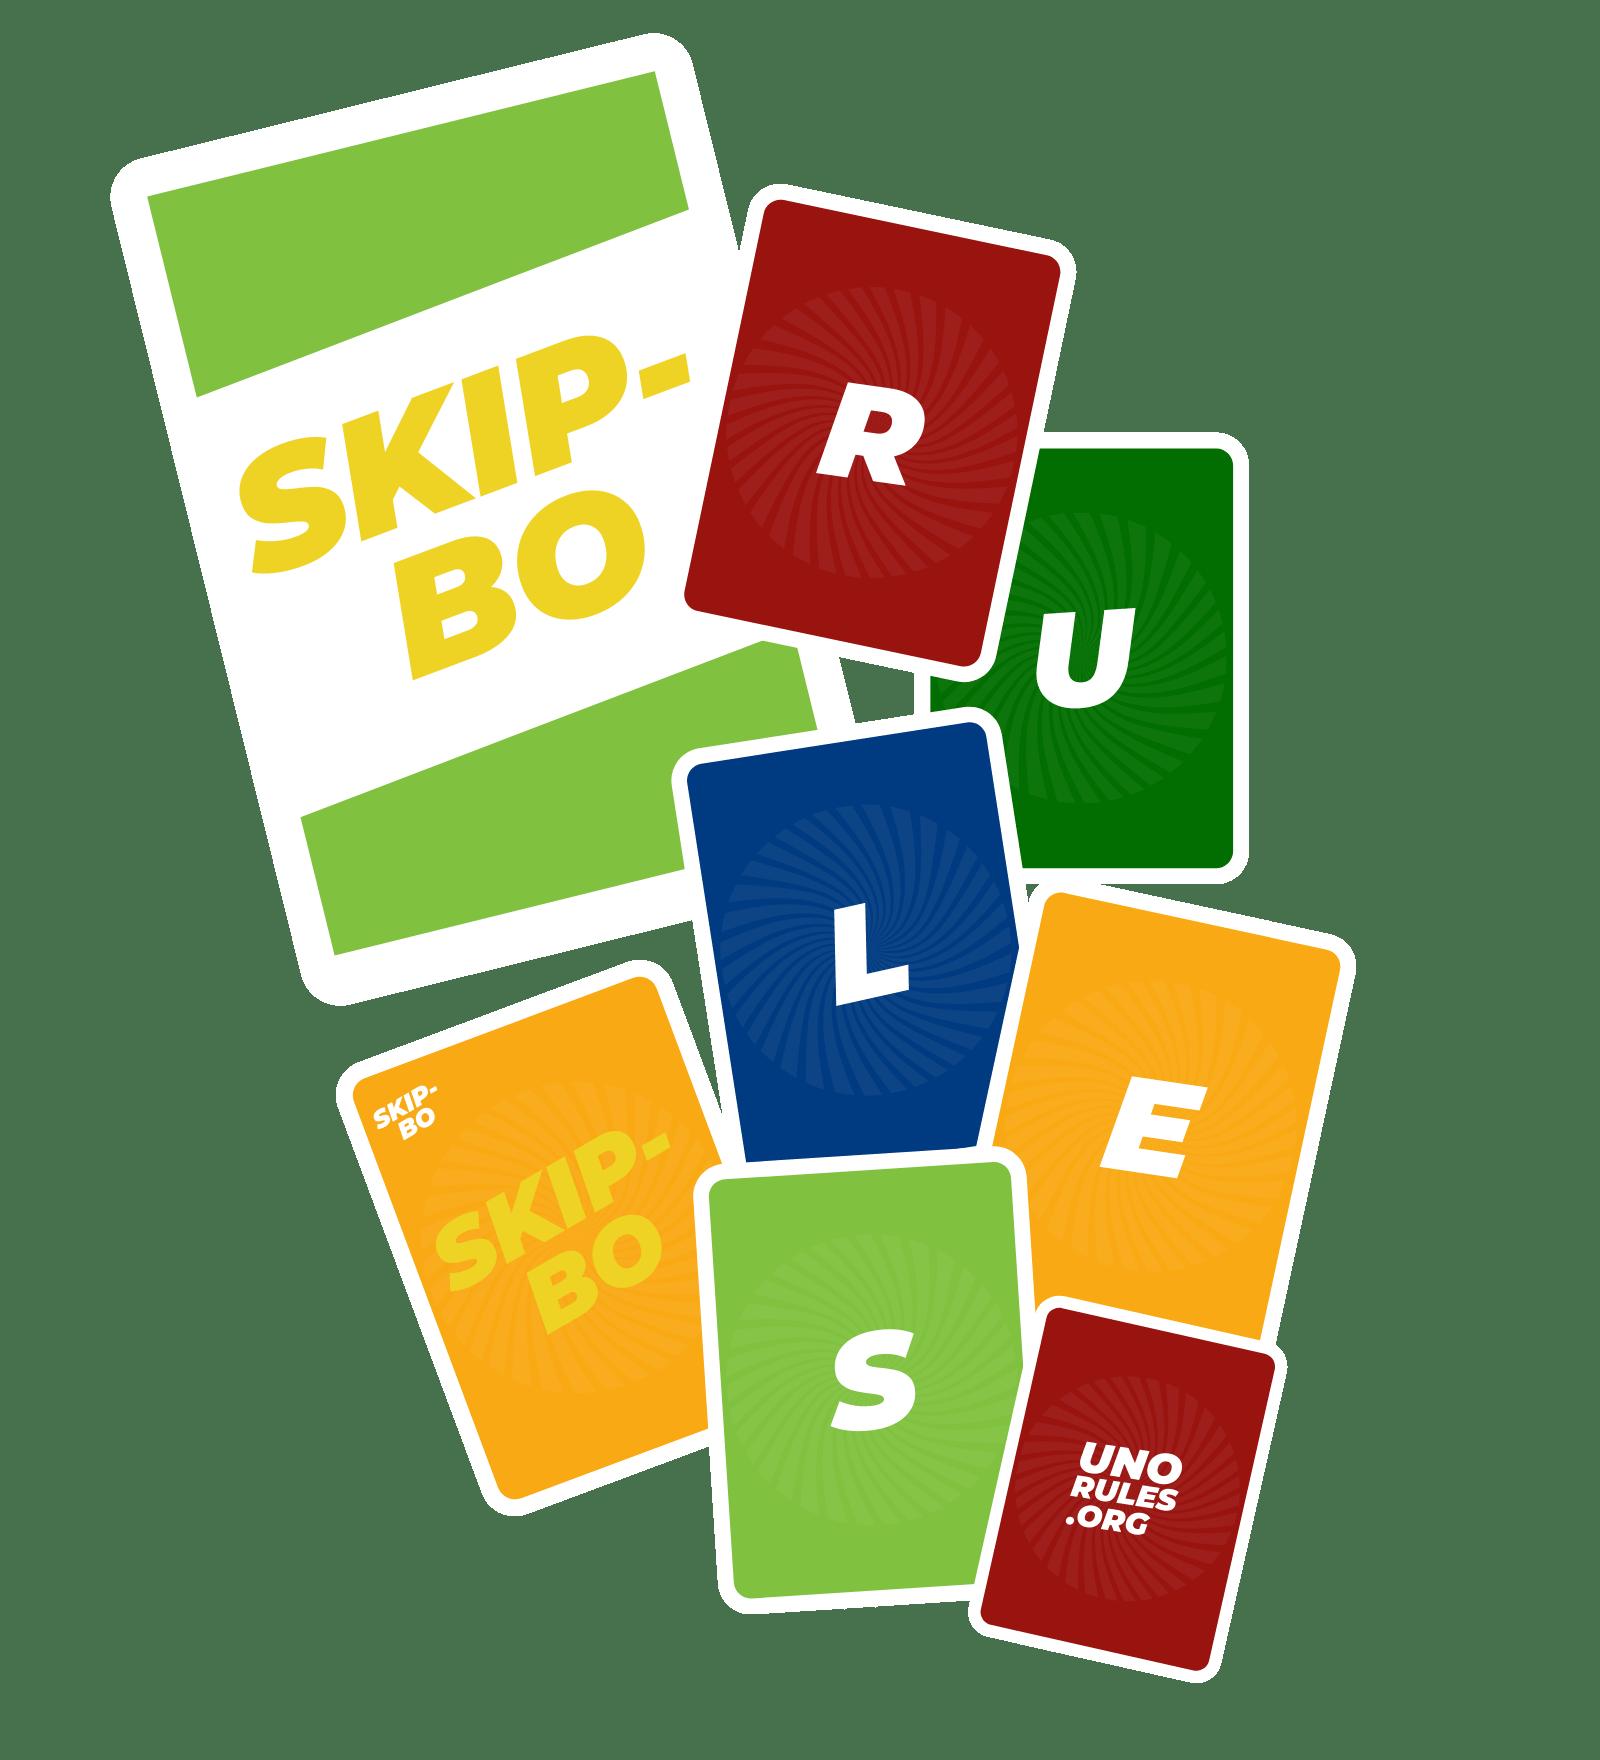 Skip-bo rules